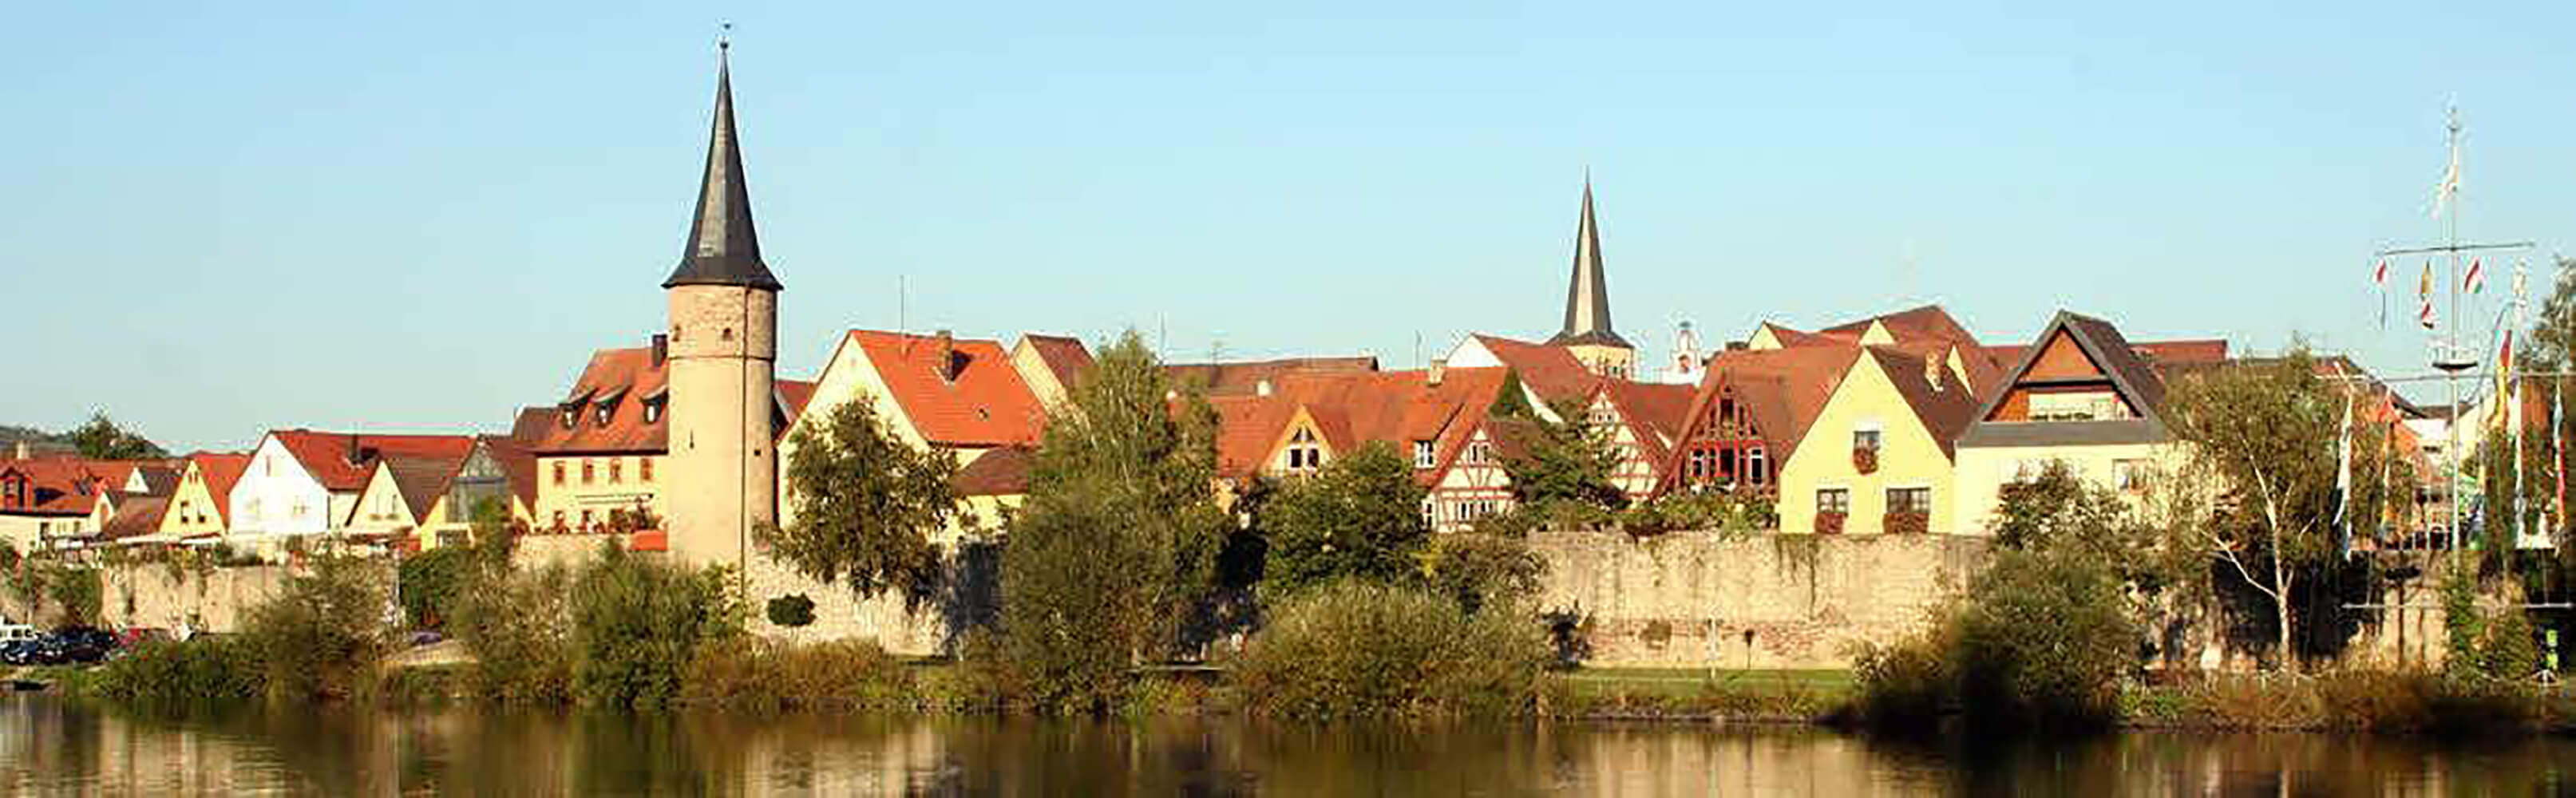 Karlstadt – die Weinbaustadt am Main 1